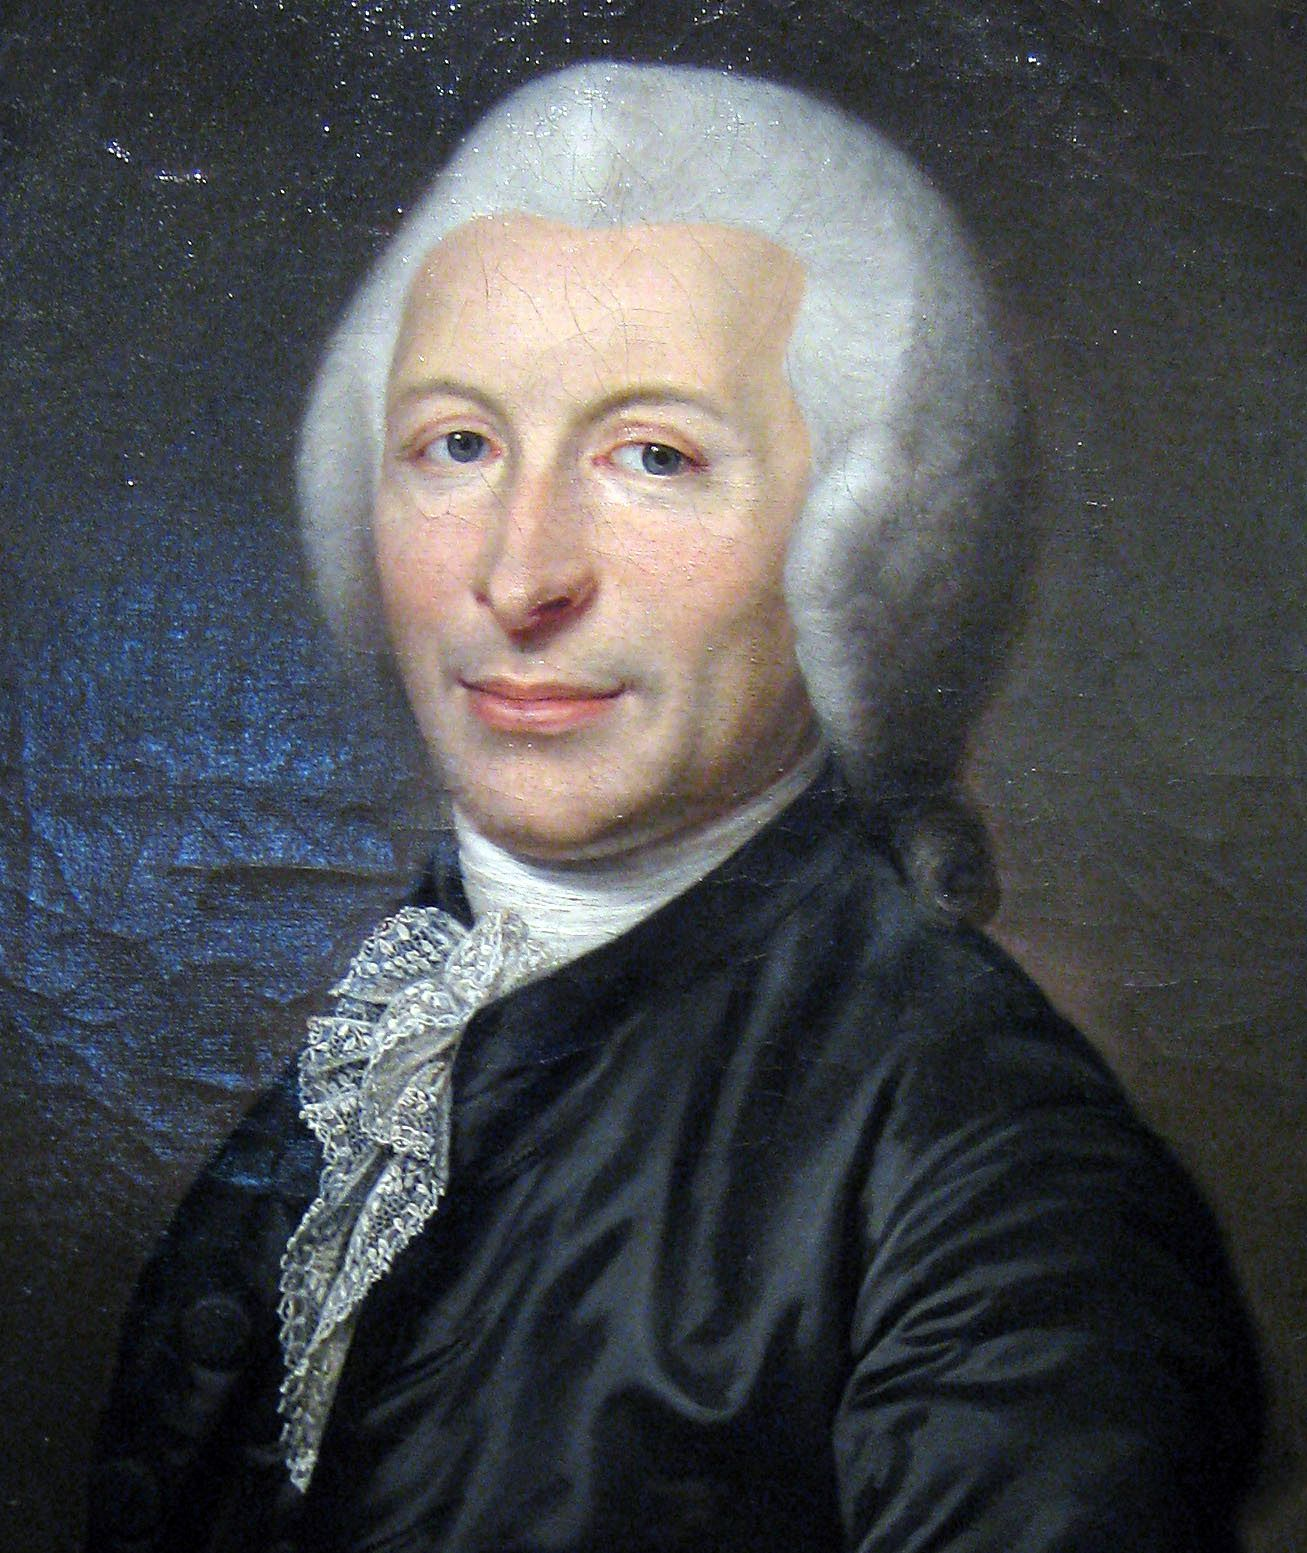 Ojciec gilotyny we własnej osobie. Portret nieznanego artysty (źródło: domena publiczna).